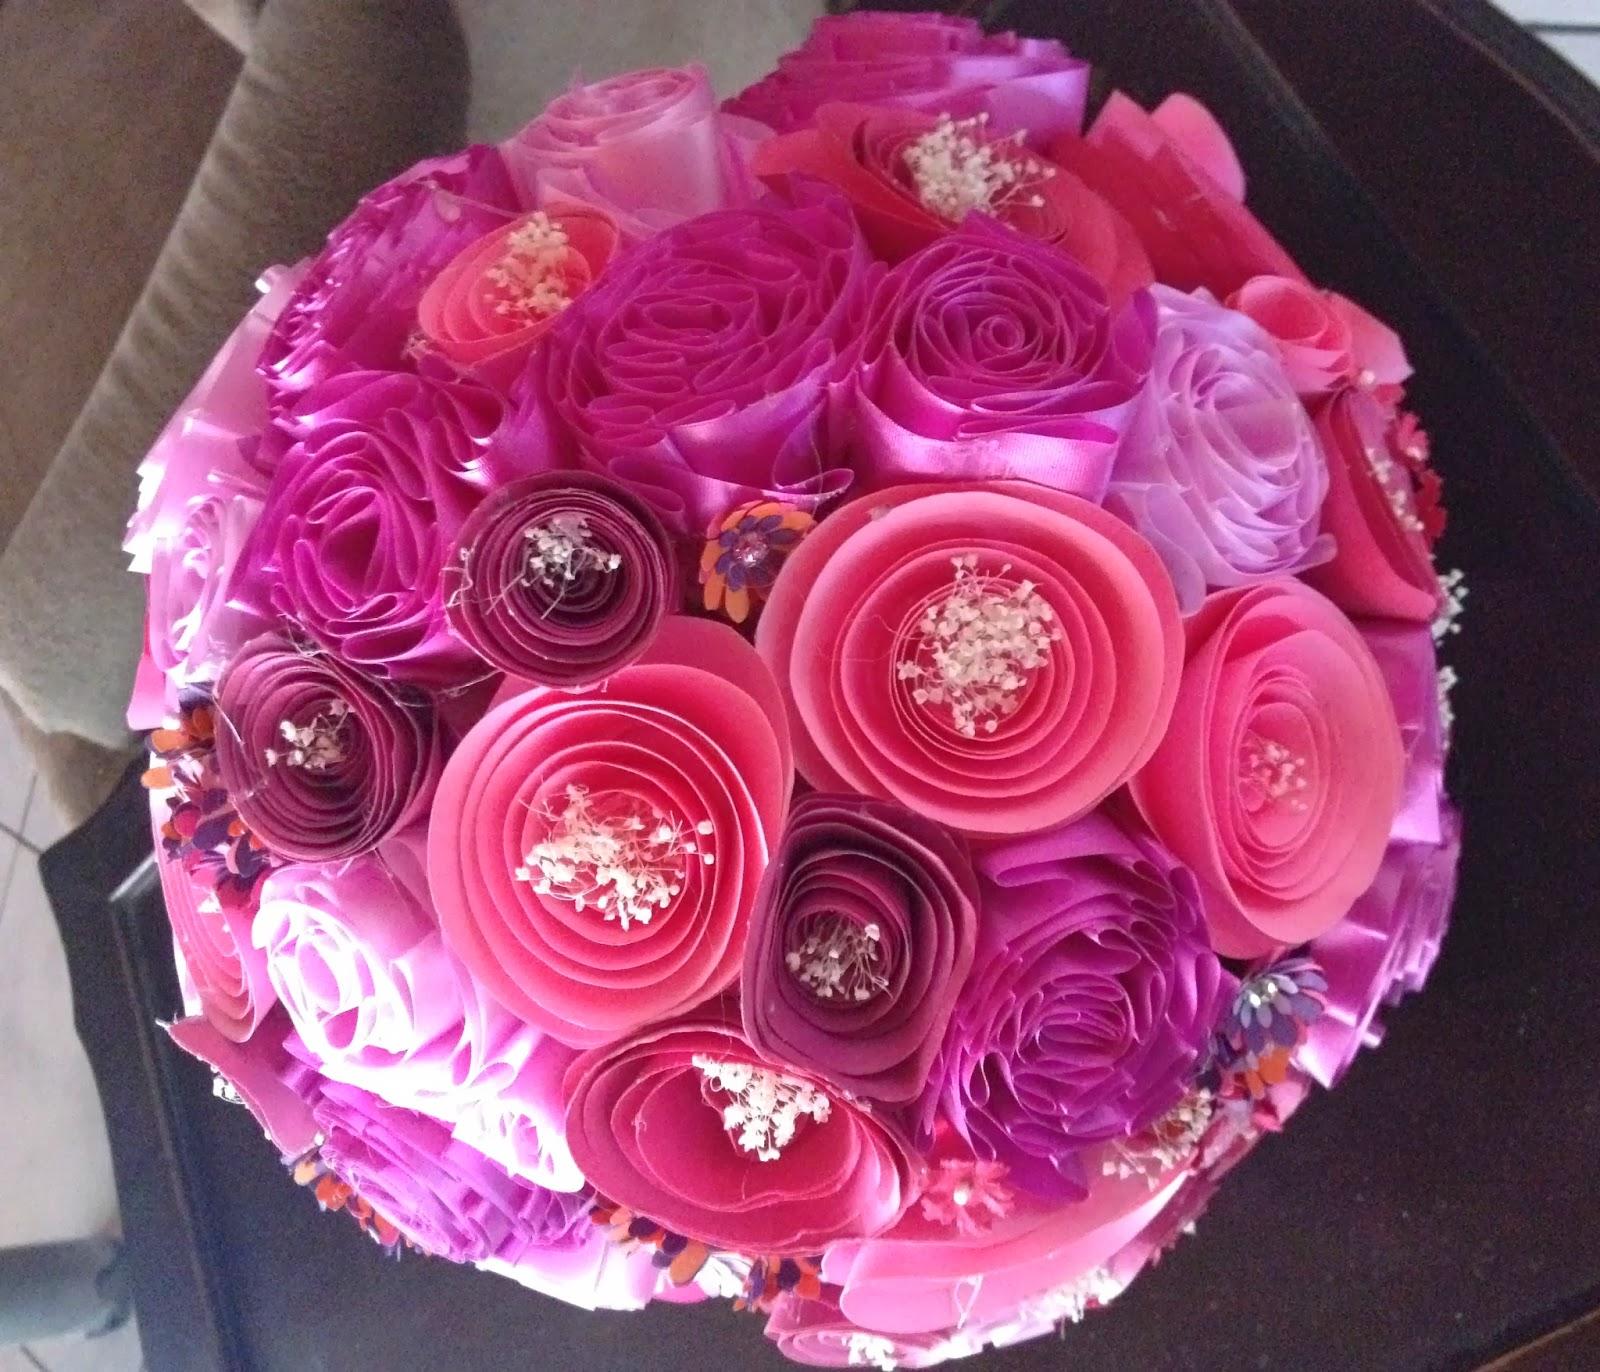 ac tenemos el ejemplo con tela manta organza y pequeas flores de papel se le agreg organza en otro color para hacer el diseo ms dinmico y colorido